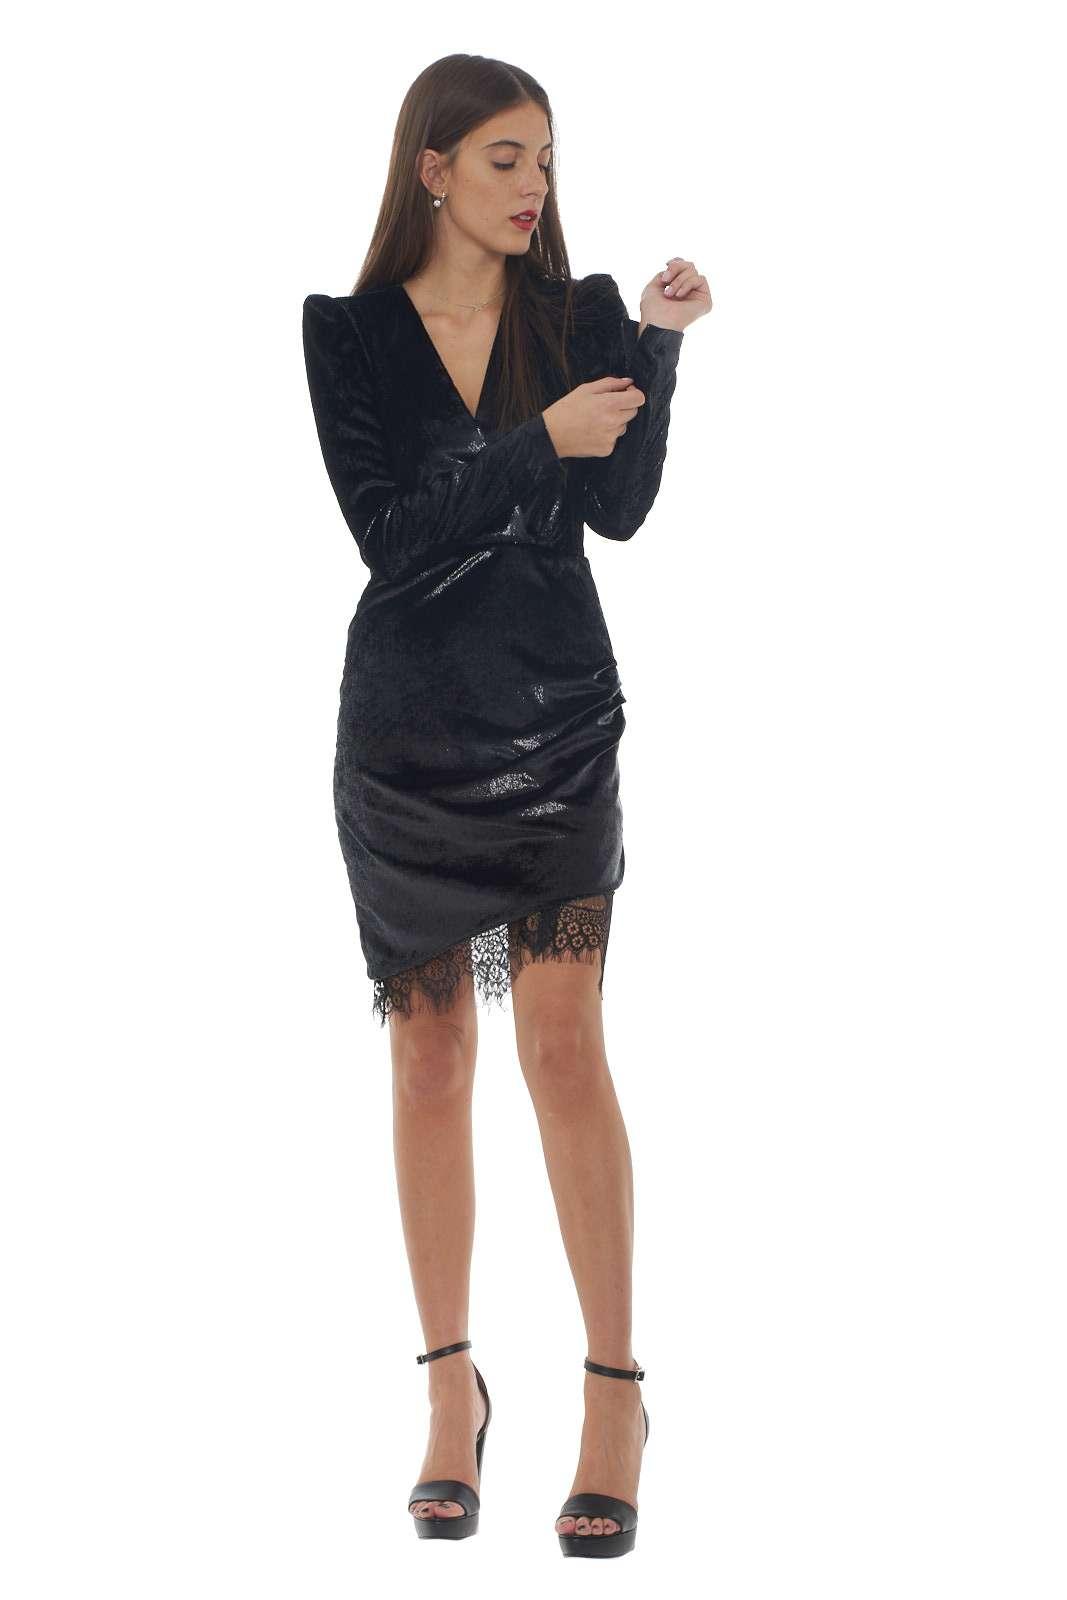 Un abito in velluto dal femminile effetto bagnato il RIVER firmato Pinko. Lo scollo incrociato e il drappeggio sulla gonna lo rifiniscono per un gusto glamour. L'inserto in pizzo sul fondo dona un tocco di femminilità per gli outfit più sofisticati.